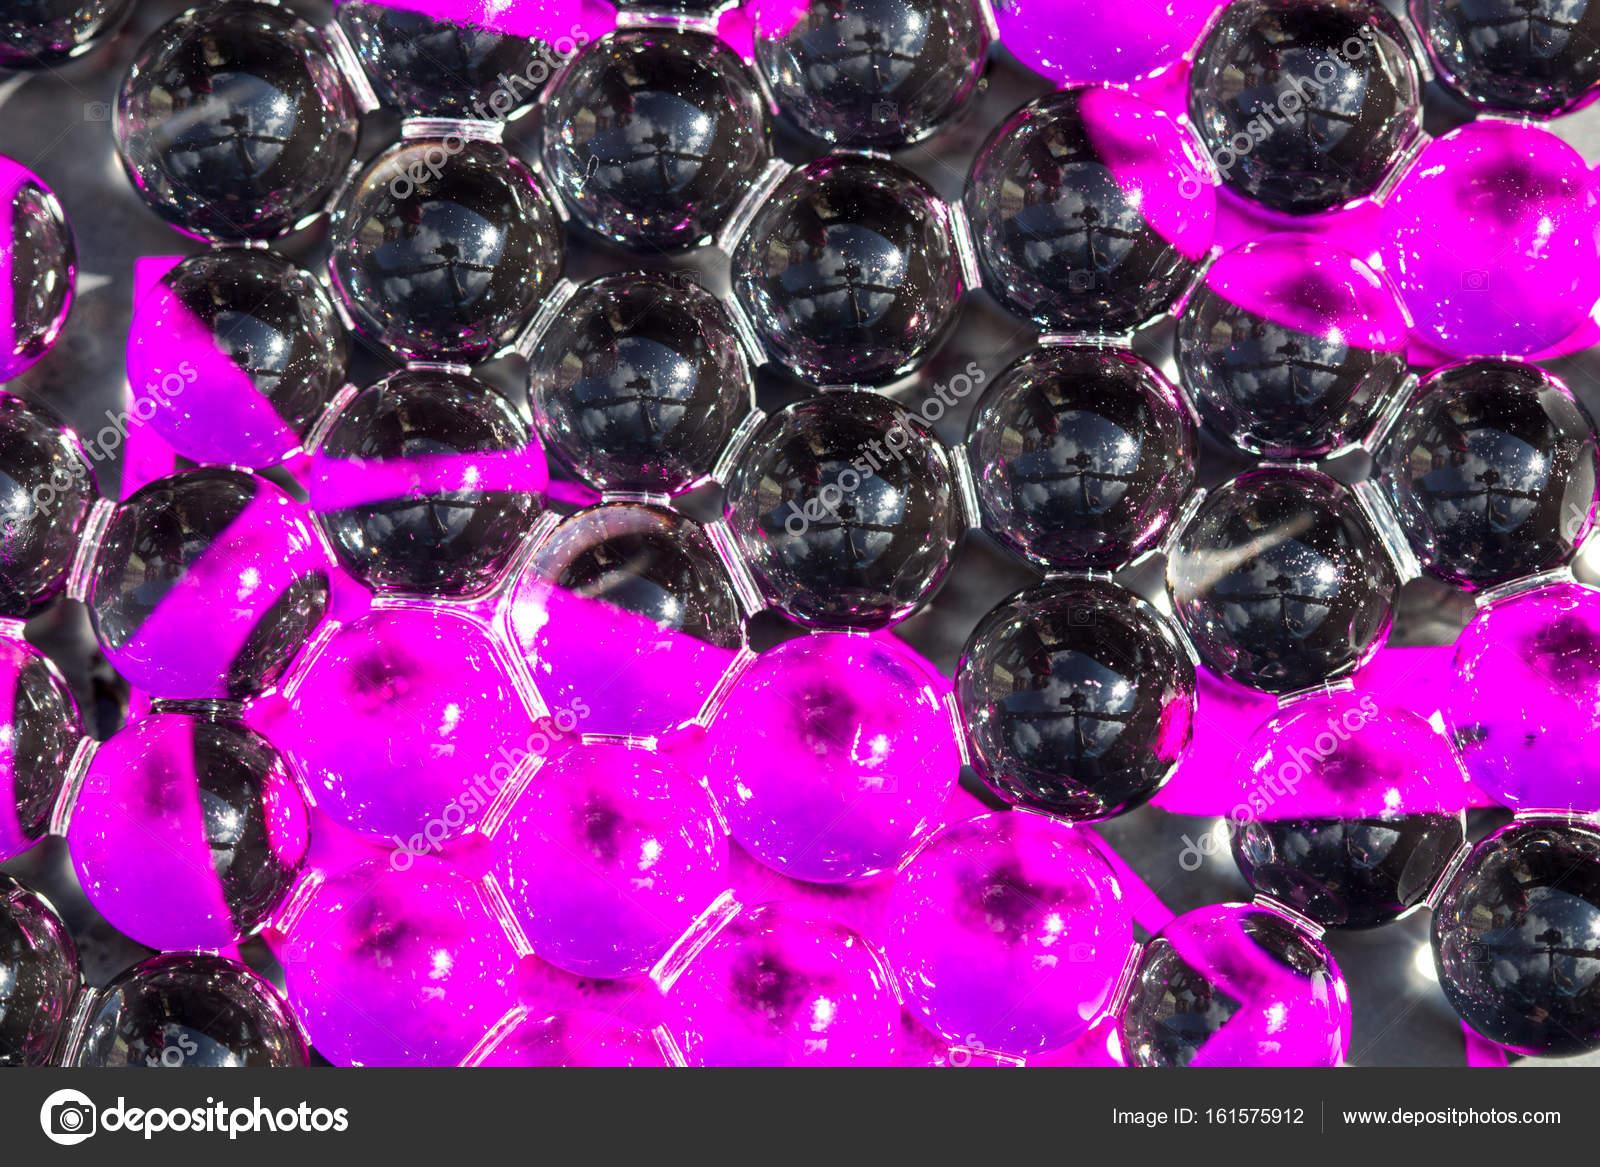 billes de gel eau violet et noir  photo macro  peut  u00eatre utilis u00e9 pour la publicit u00e9 ou